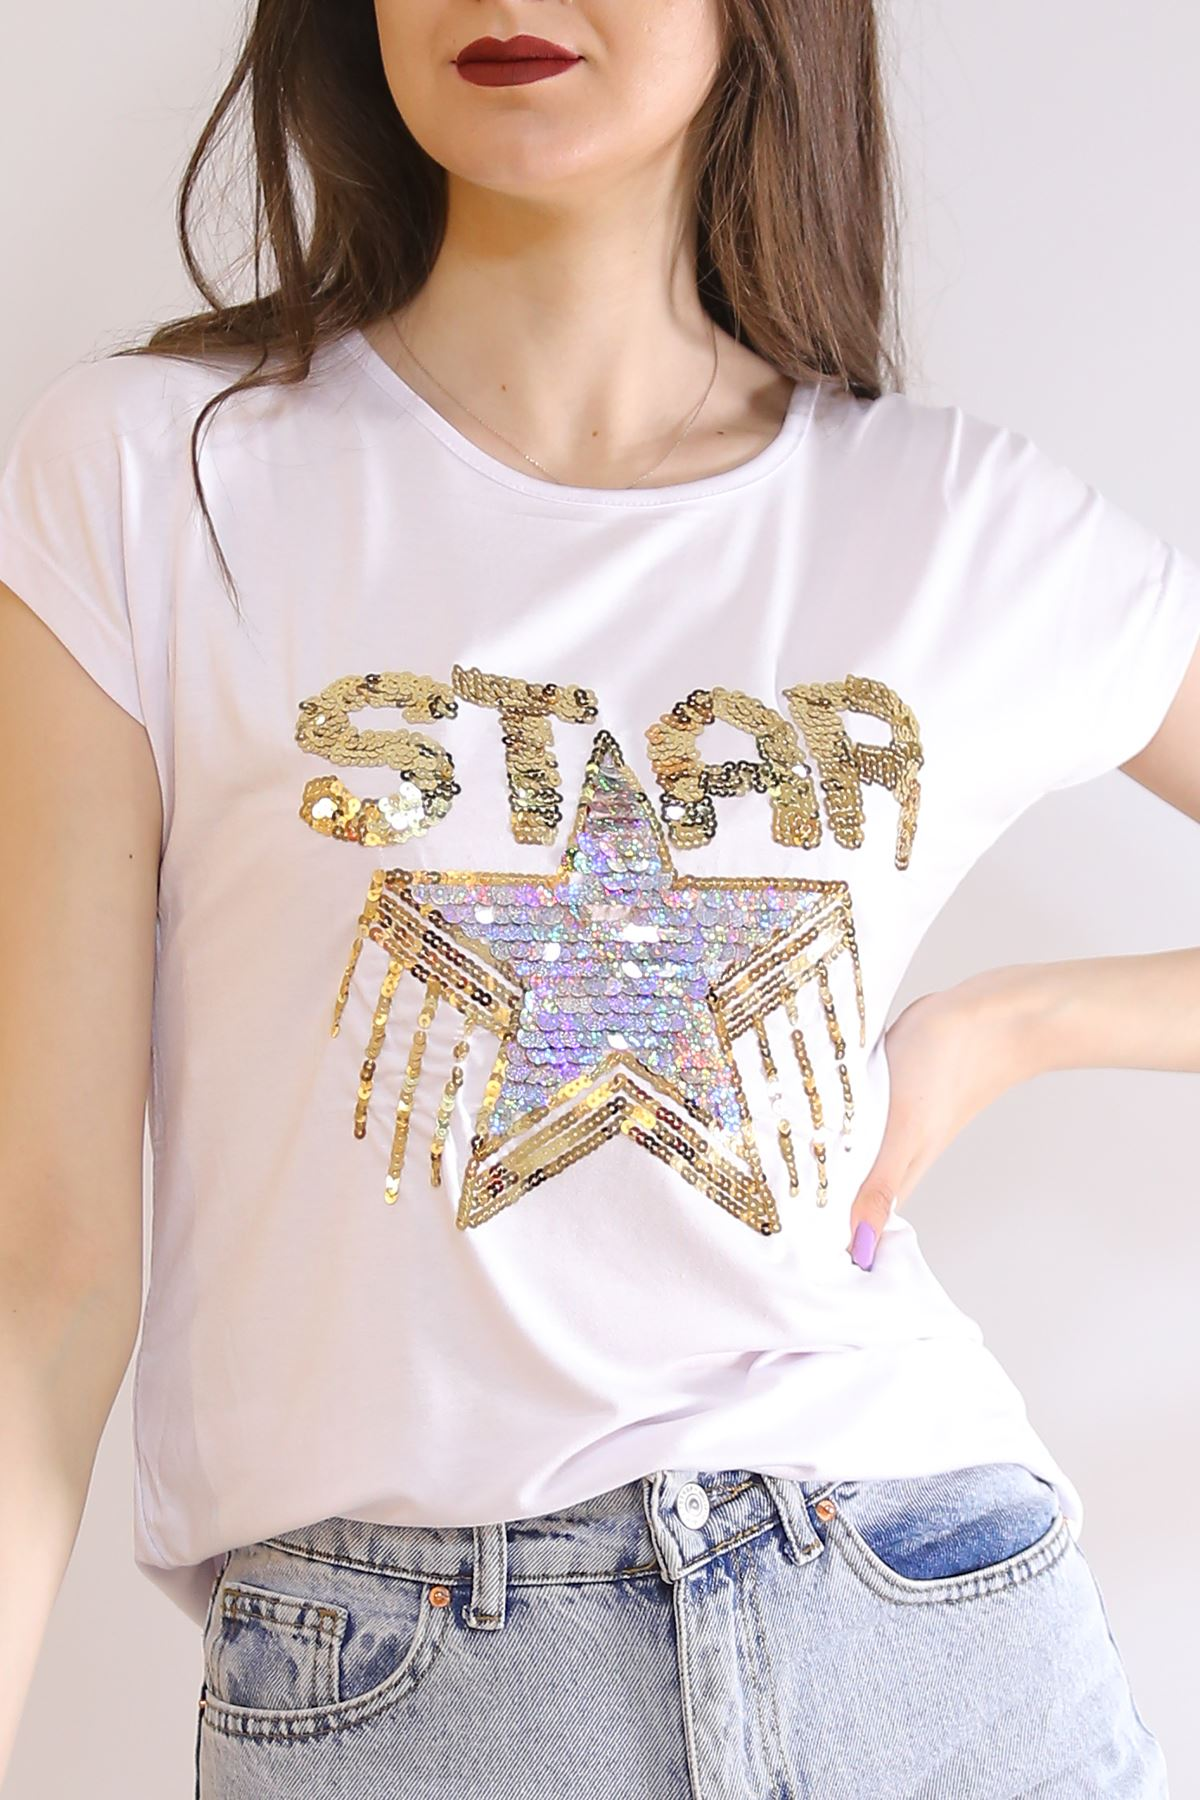 Star Baskı Tişört Beyaz - 6522.599.